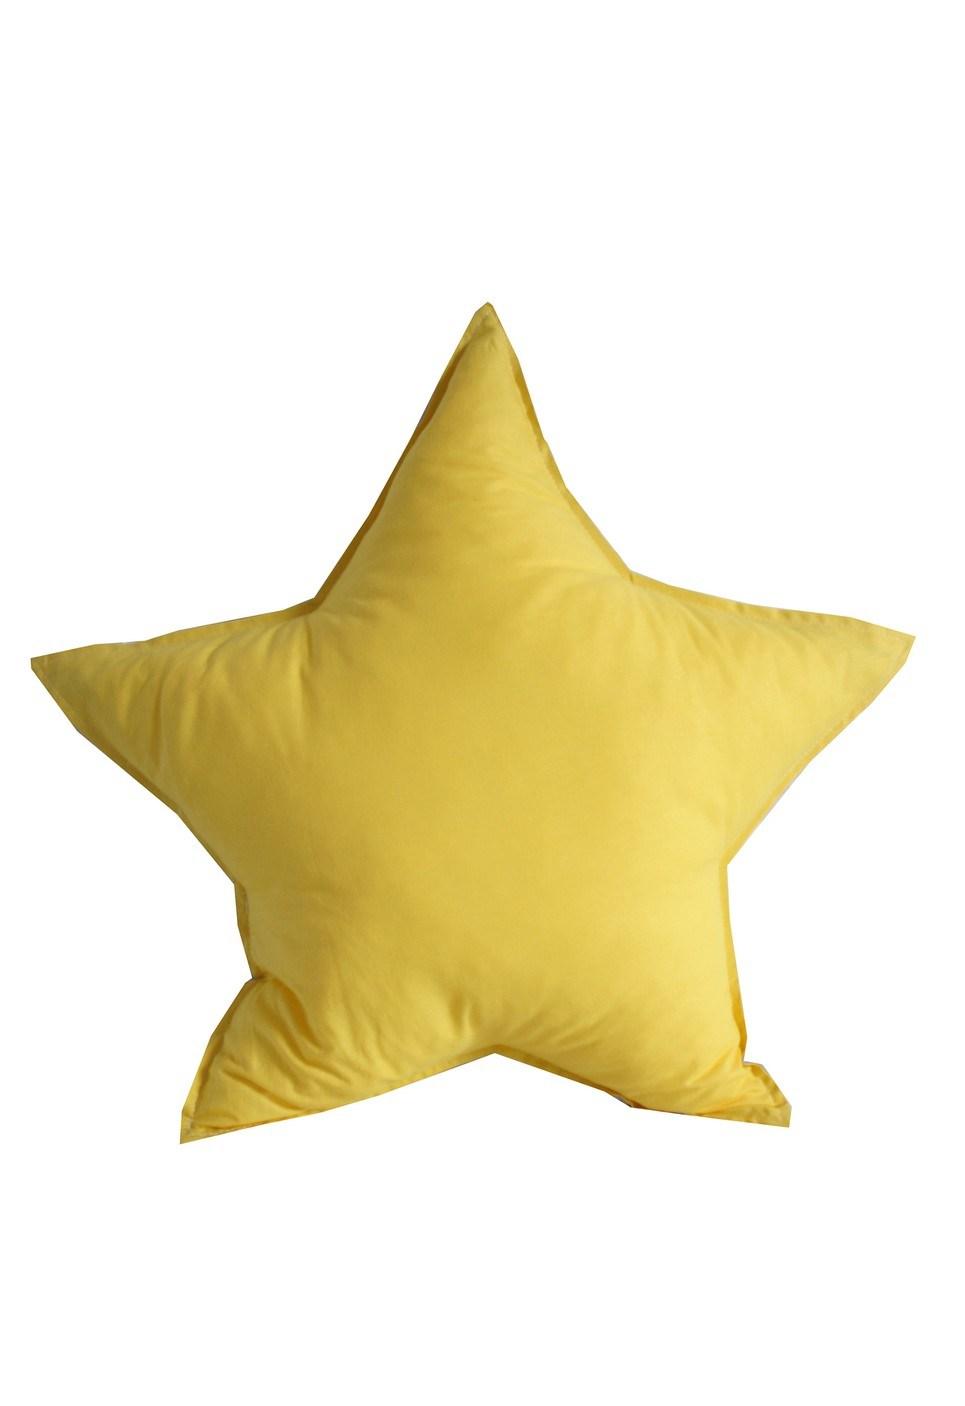 Yellow Star Children's Cushion